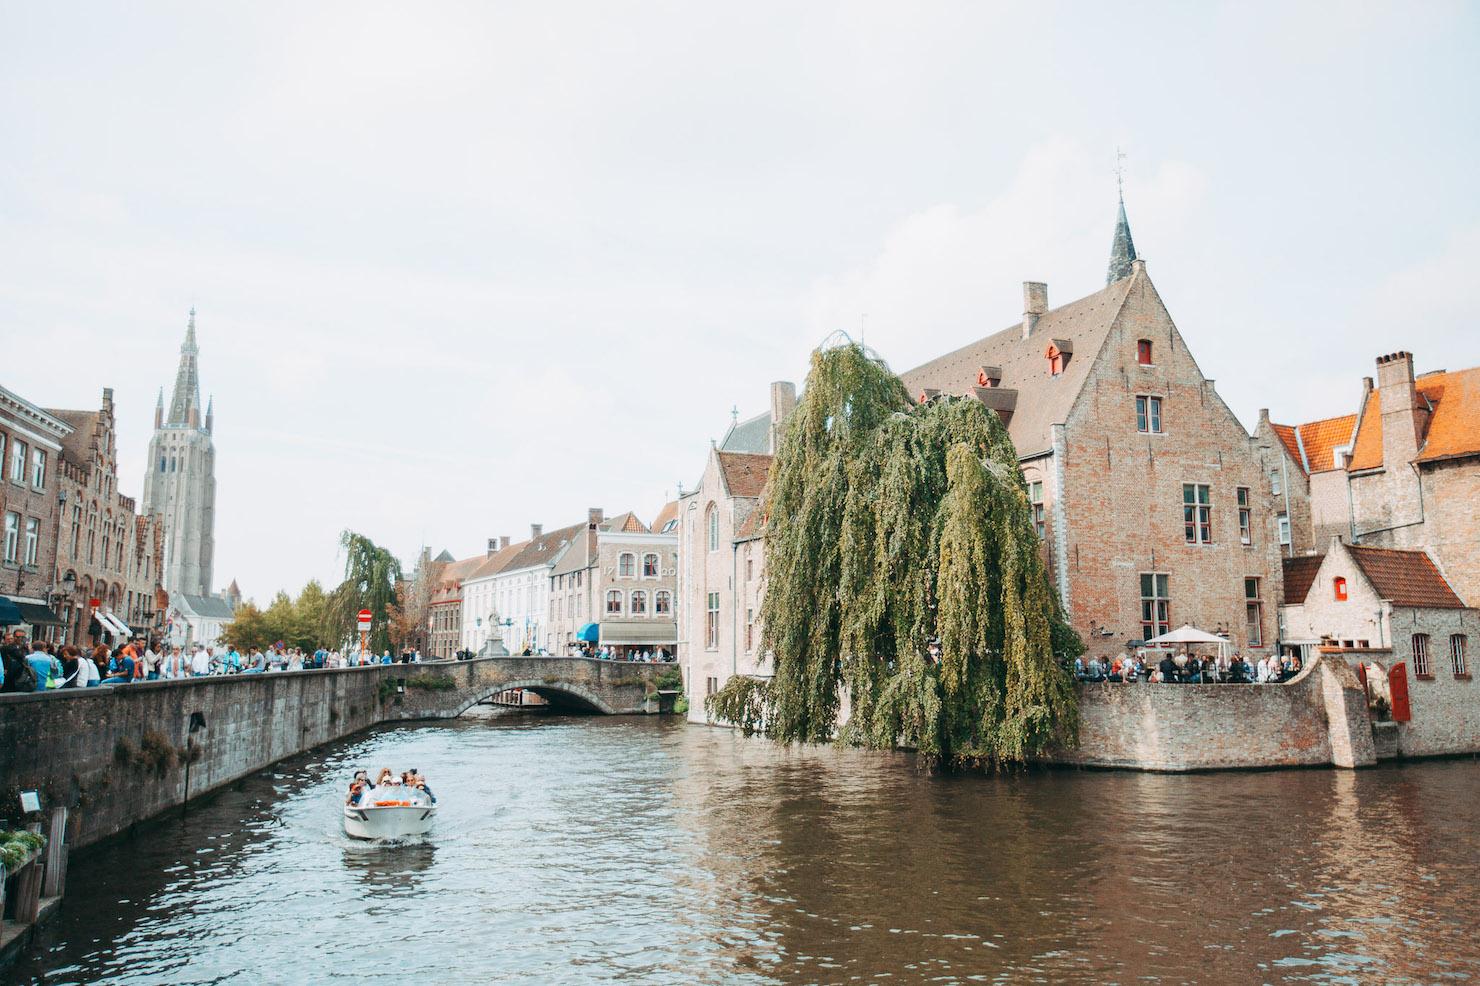 A Day in Brugge, Belgium